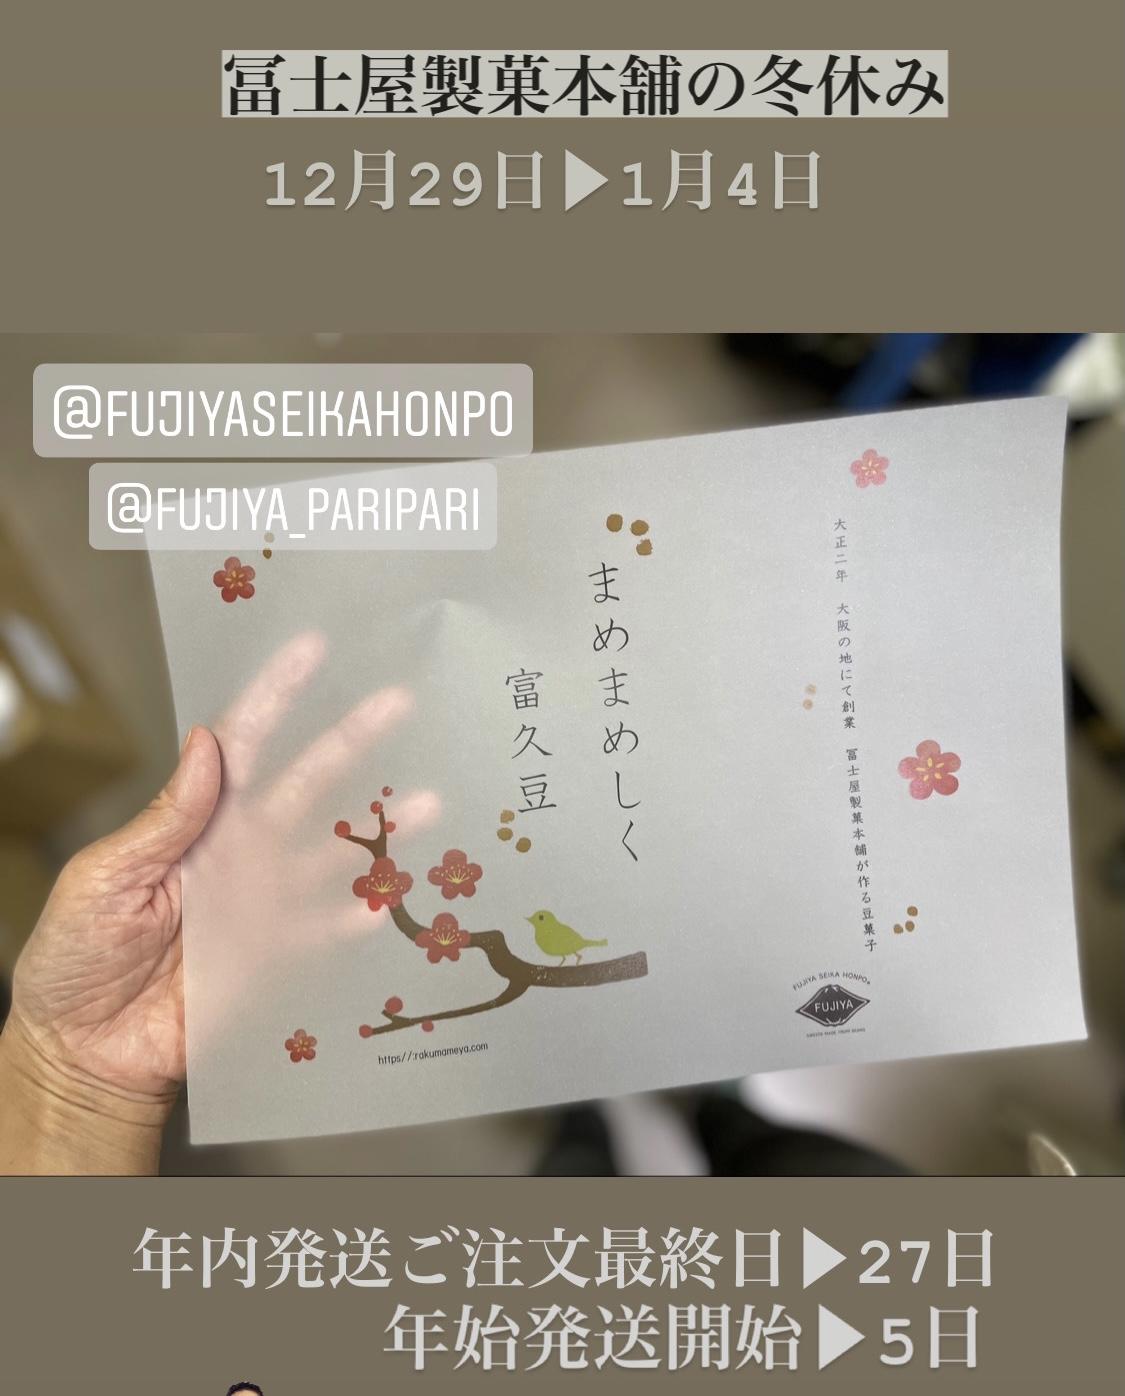 冨士屋製菓本舗の冬休み